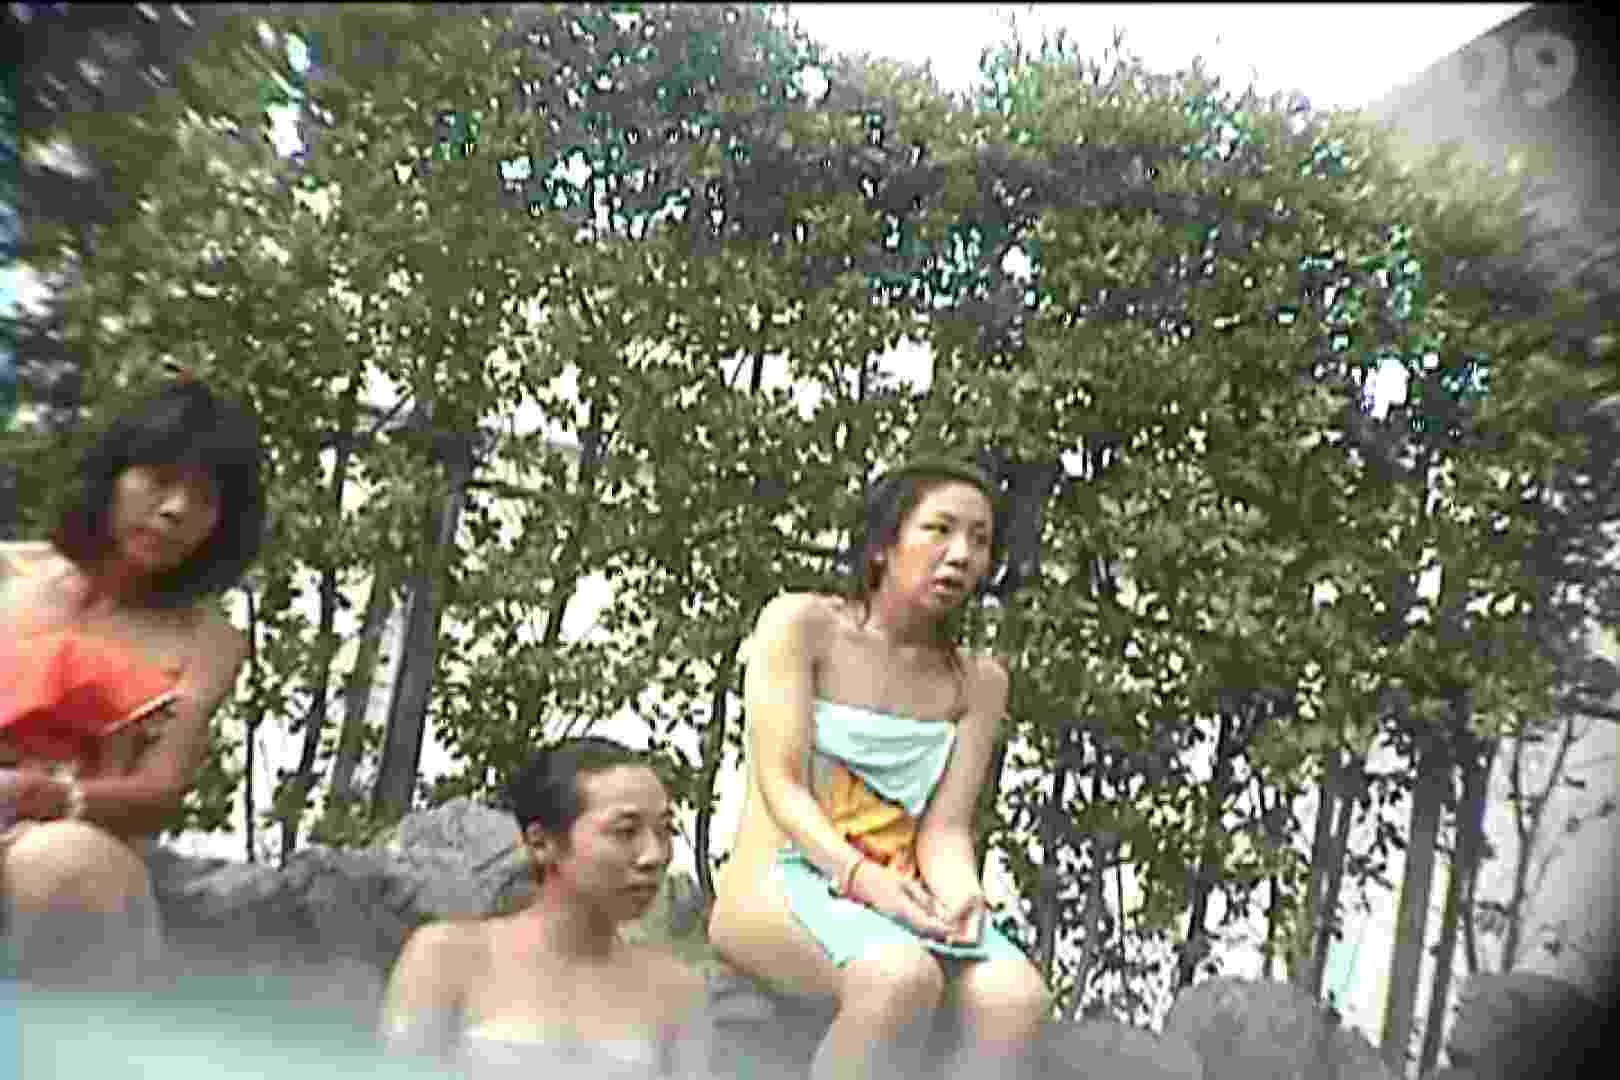 厳選潜入女風呂No.9 潜入 | 盗撮  109枚 7